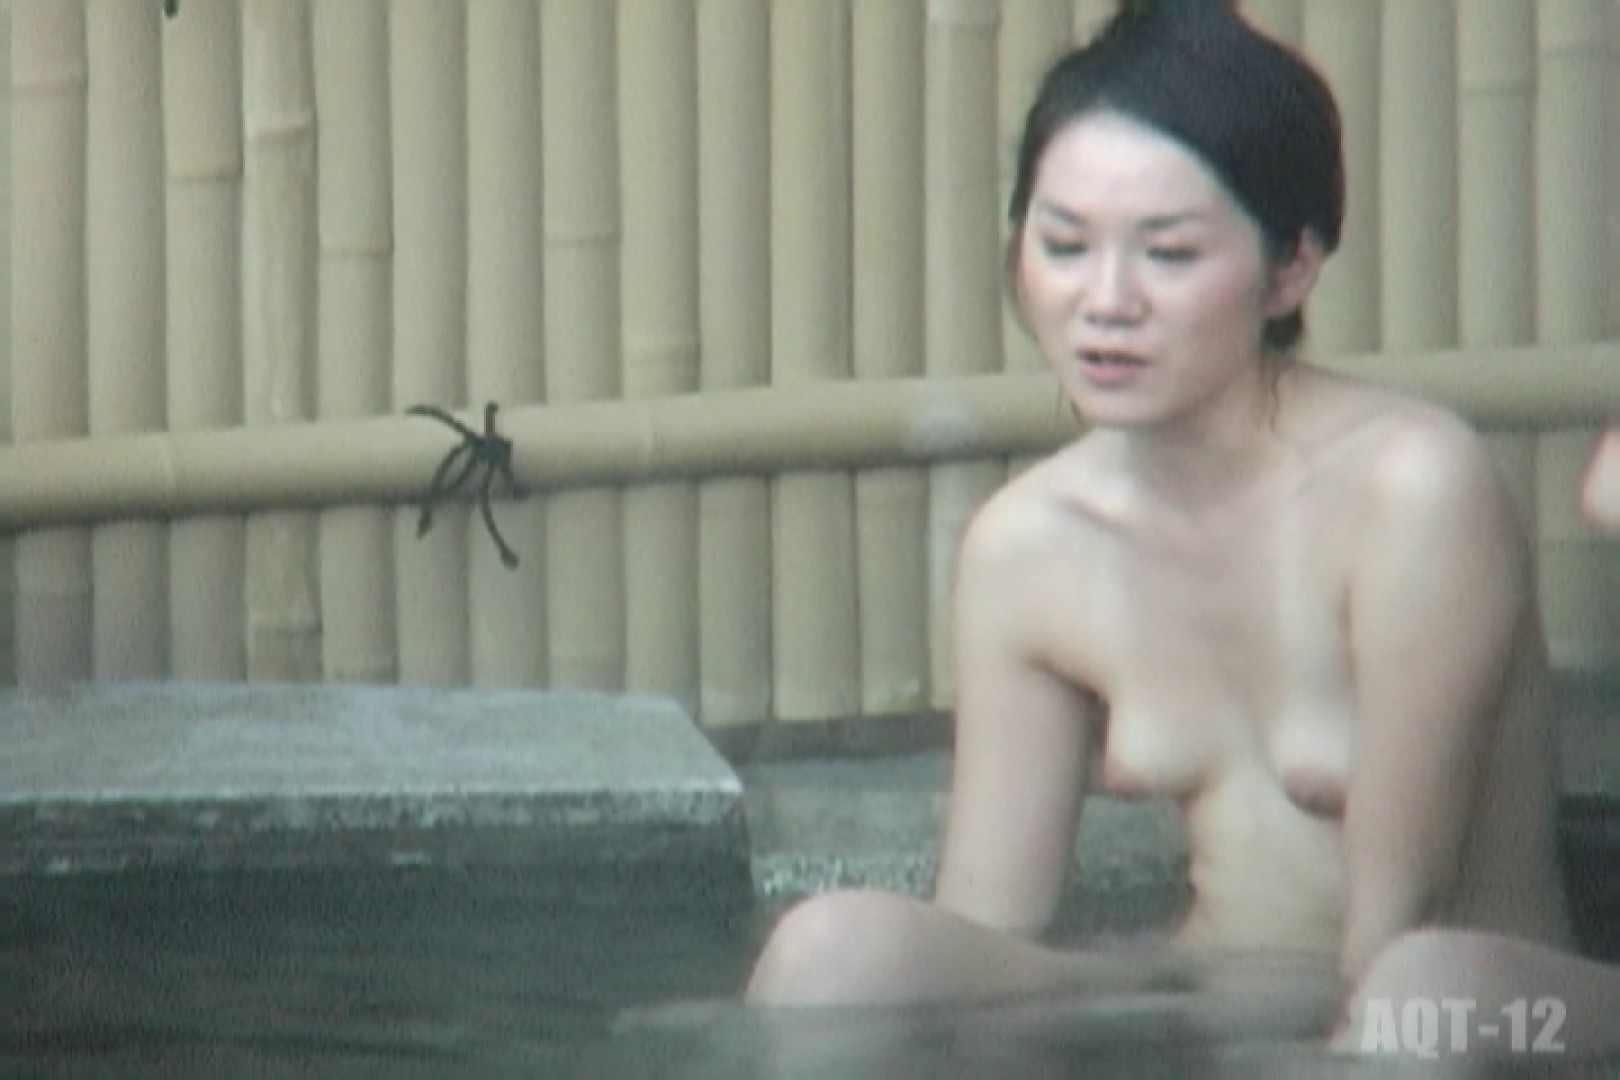 Aquaな露天風呂Vol.812 0  94pic 30